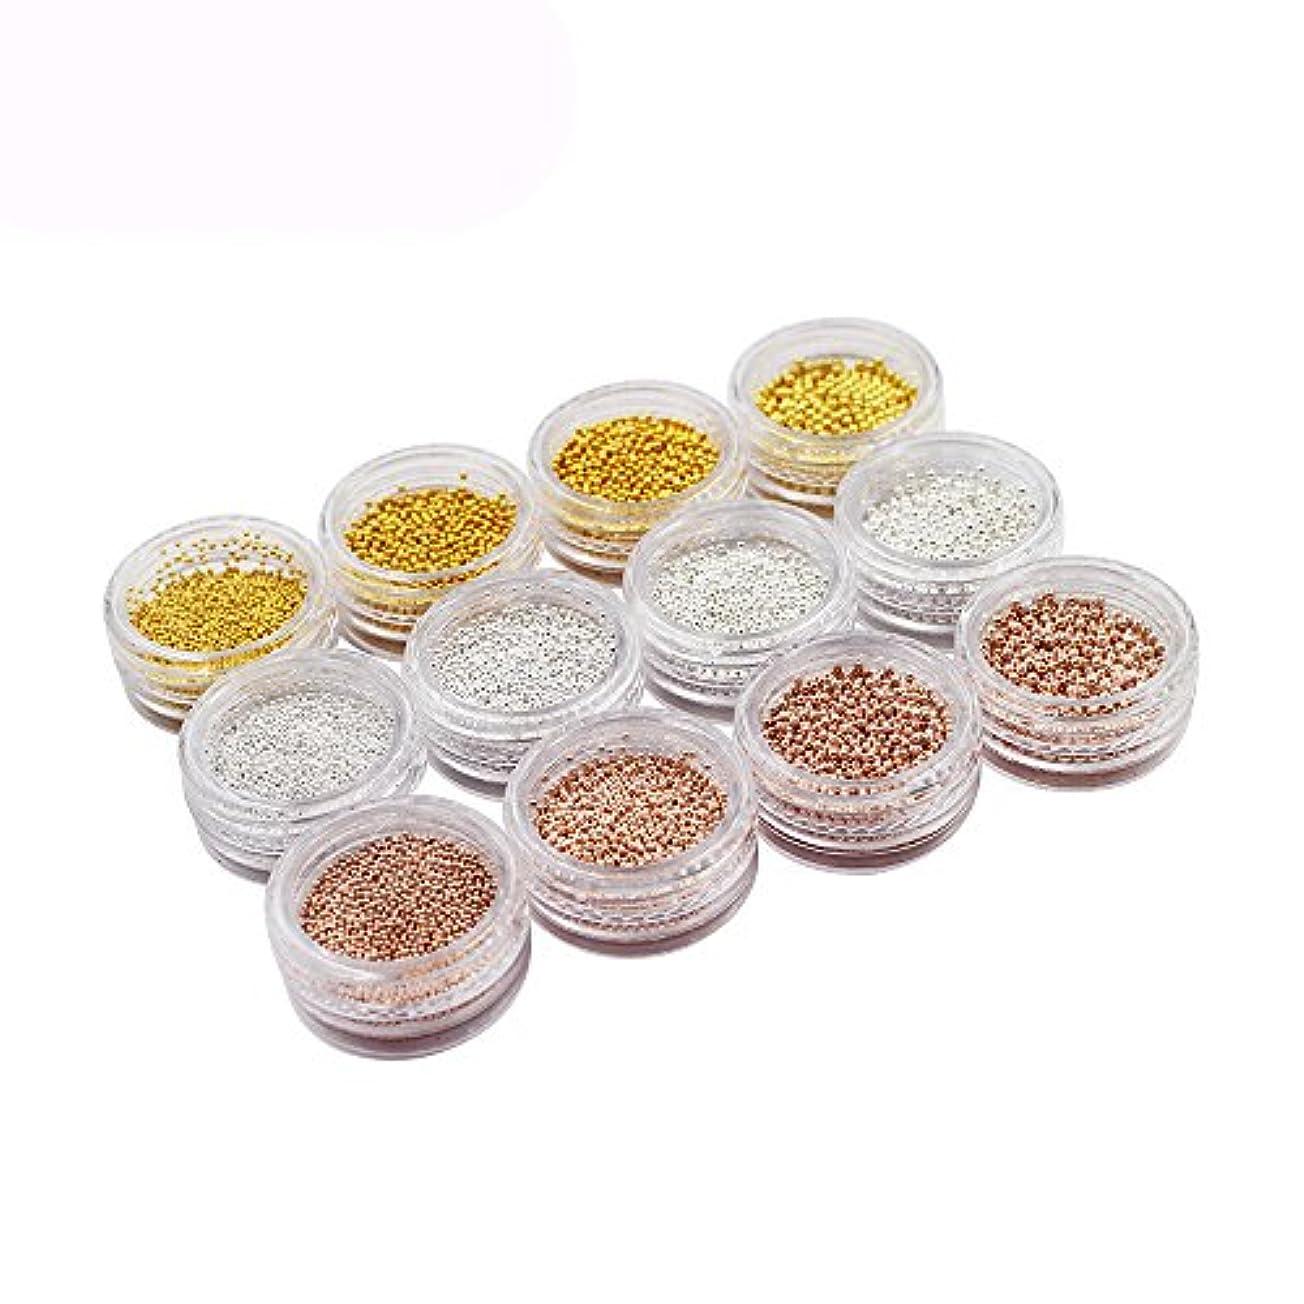 協定現代匿名メーリンドス ネイル3dデザインパーツ ネイルブリオン ゴールド&シルバー&バラゴールド 0.8/1.0/1.2/1.5mm 4サイズ3色 12本セット